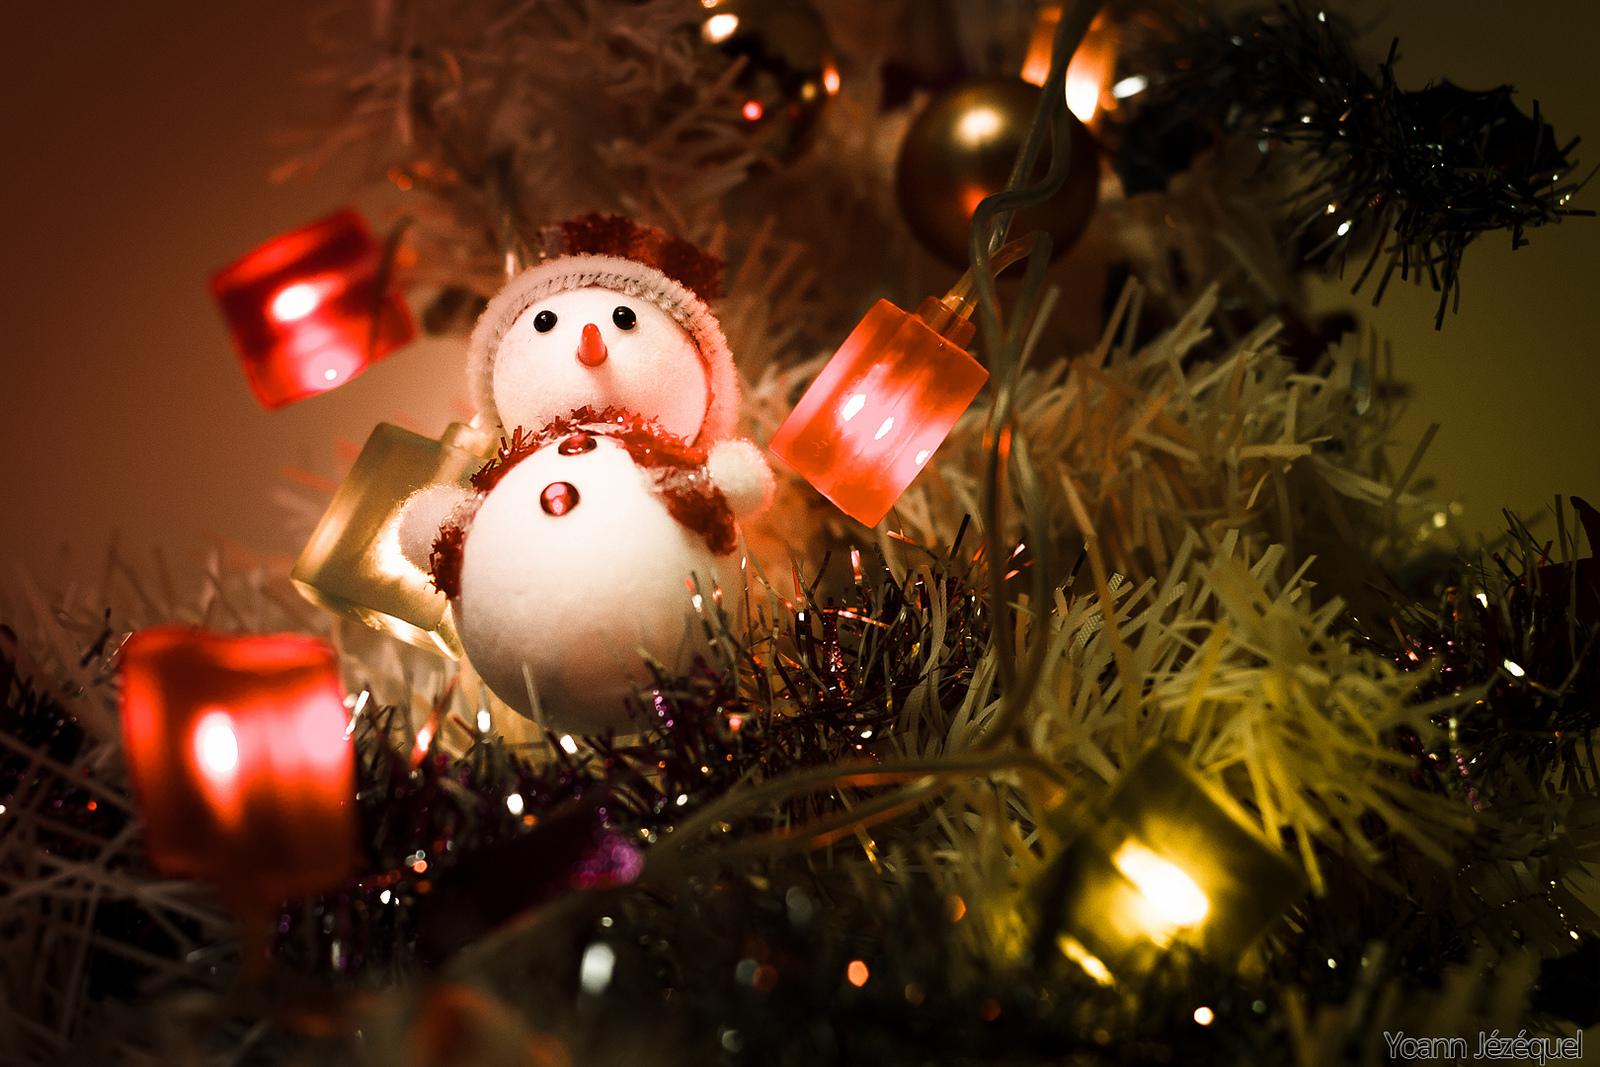 Muñeco de nieve en arbol de navidad - 1600x1067